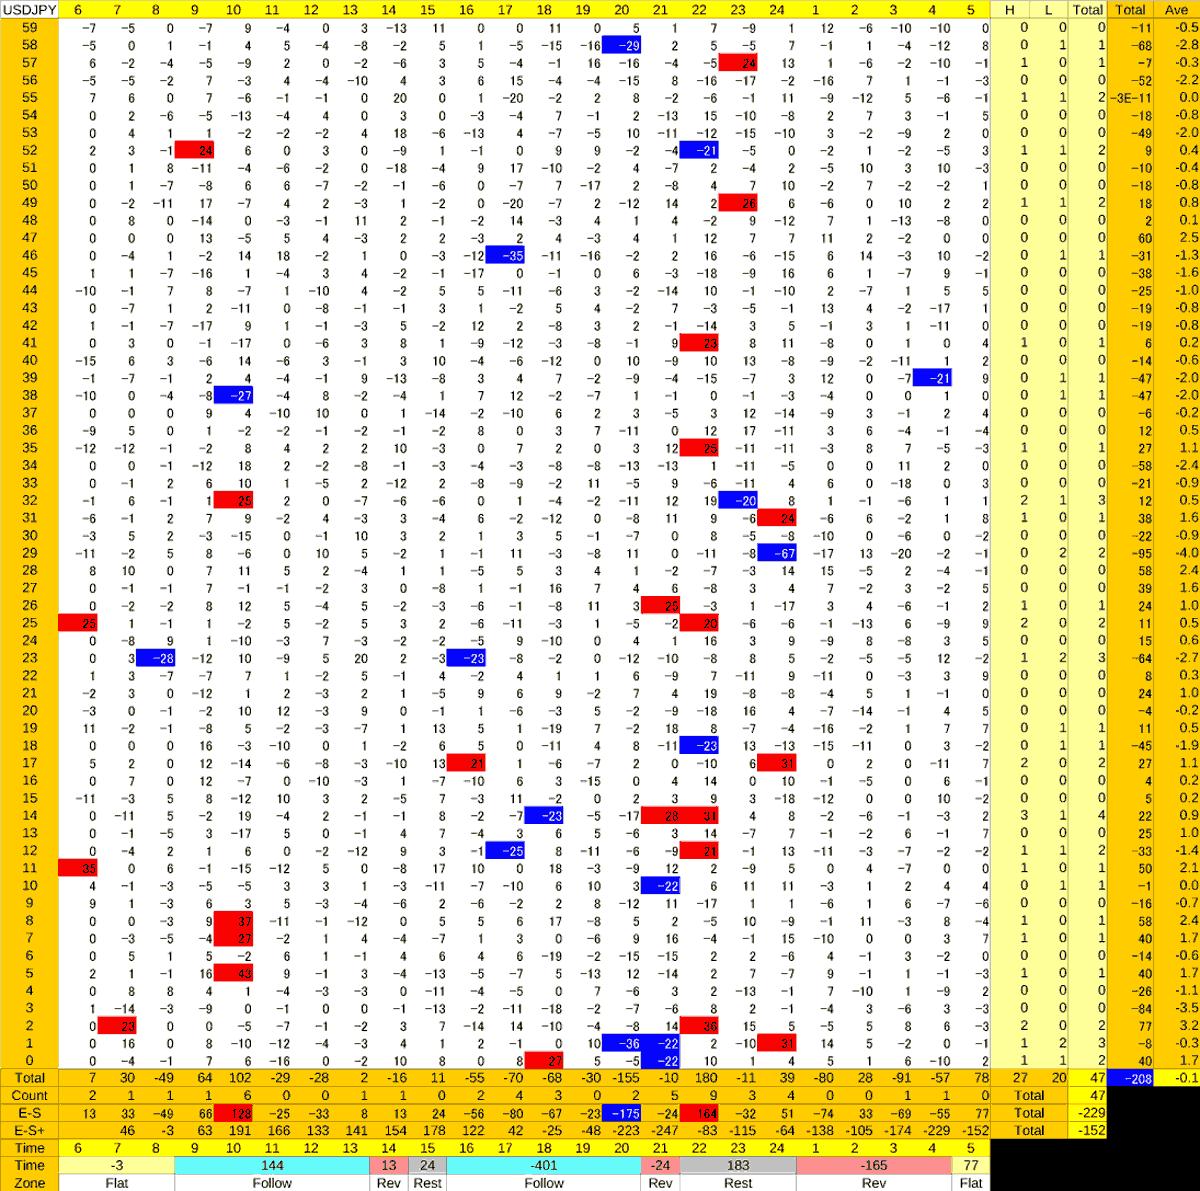 20200526HS(1)USDJPY